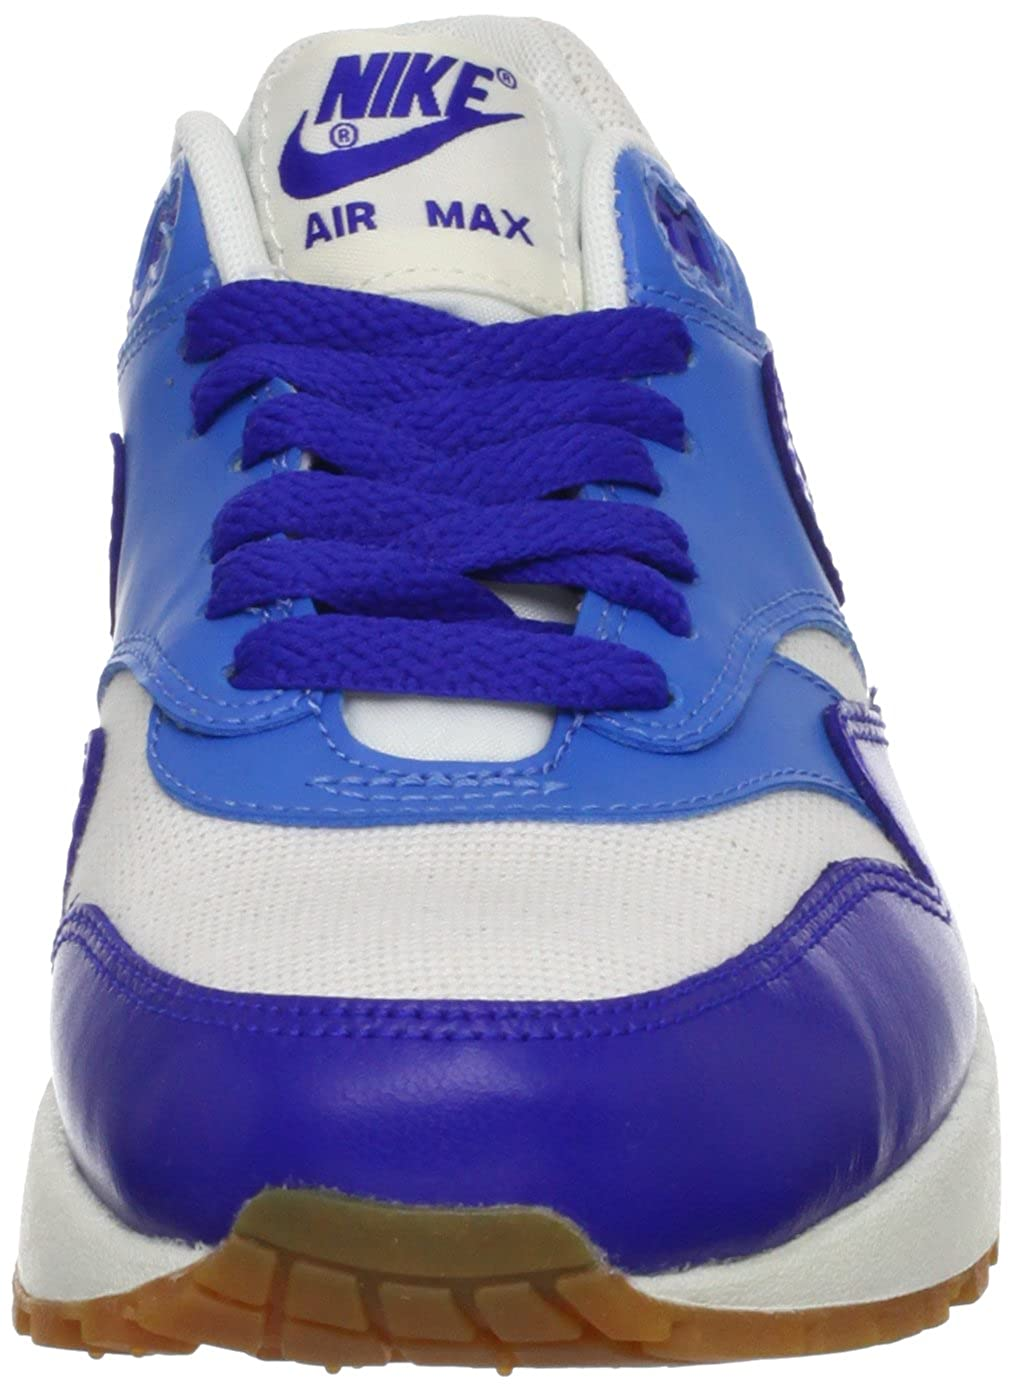 Nike Nike Nike Damen Air Max 1 Vintage Turnschuhe Blau Weiß 2f29e4